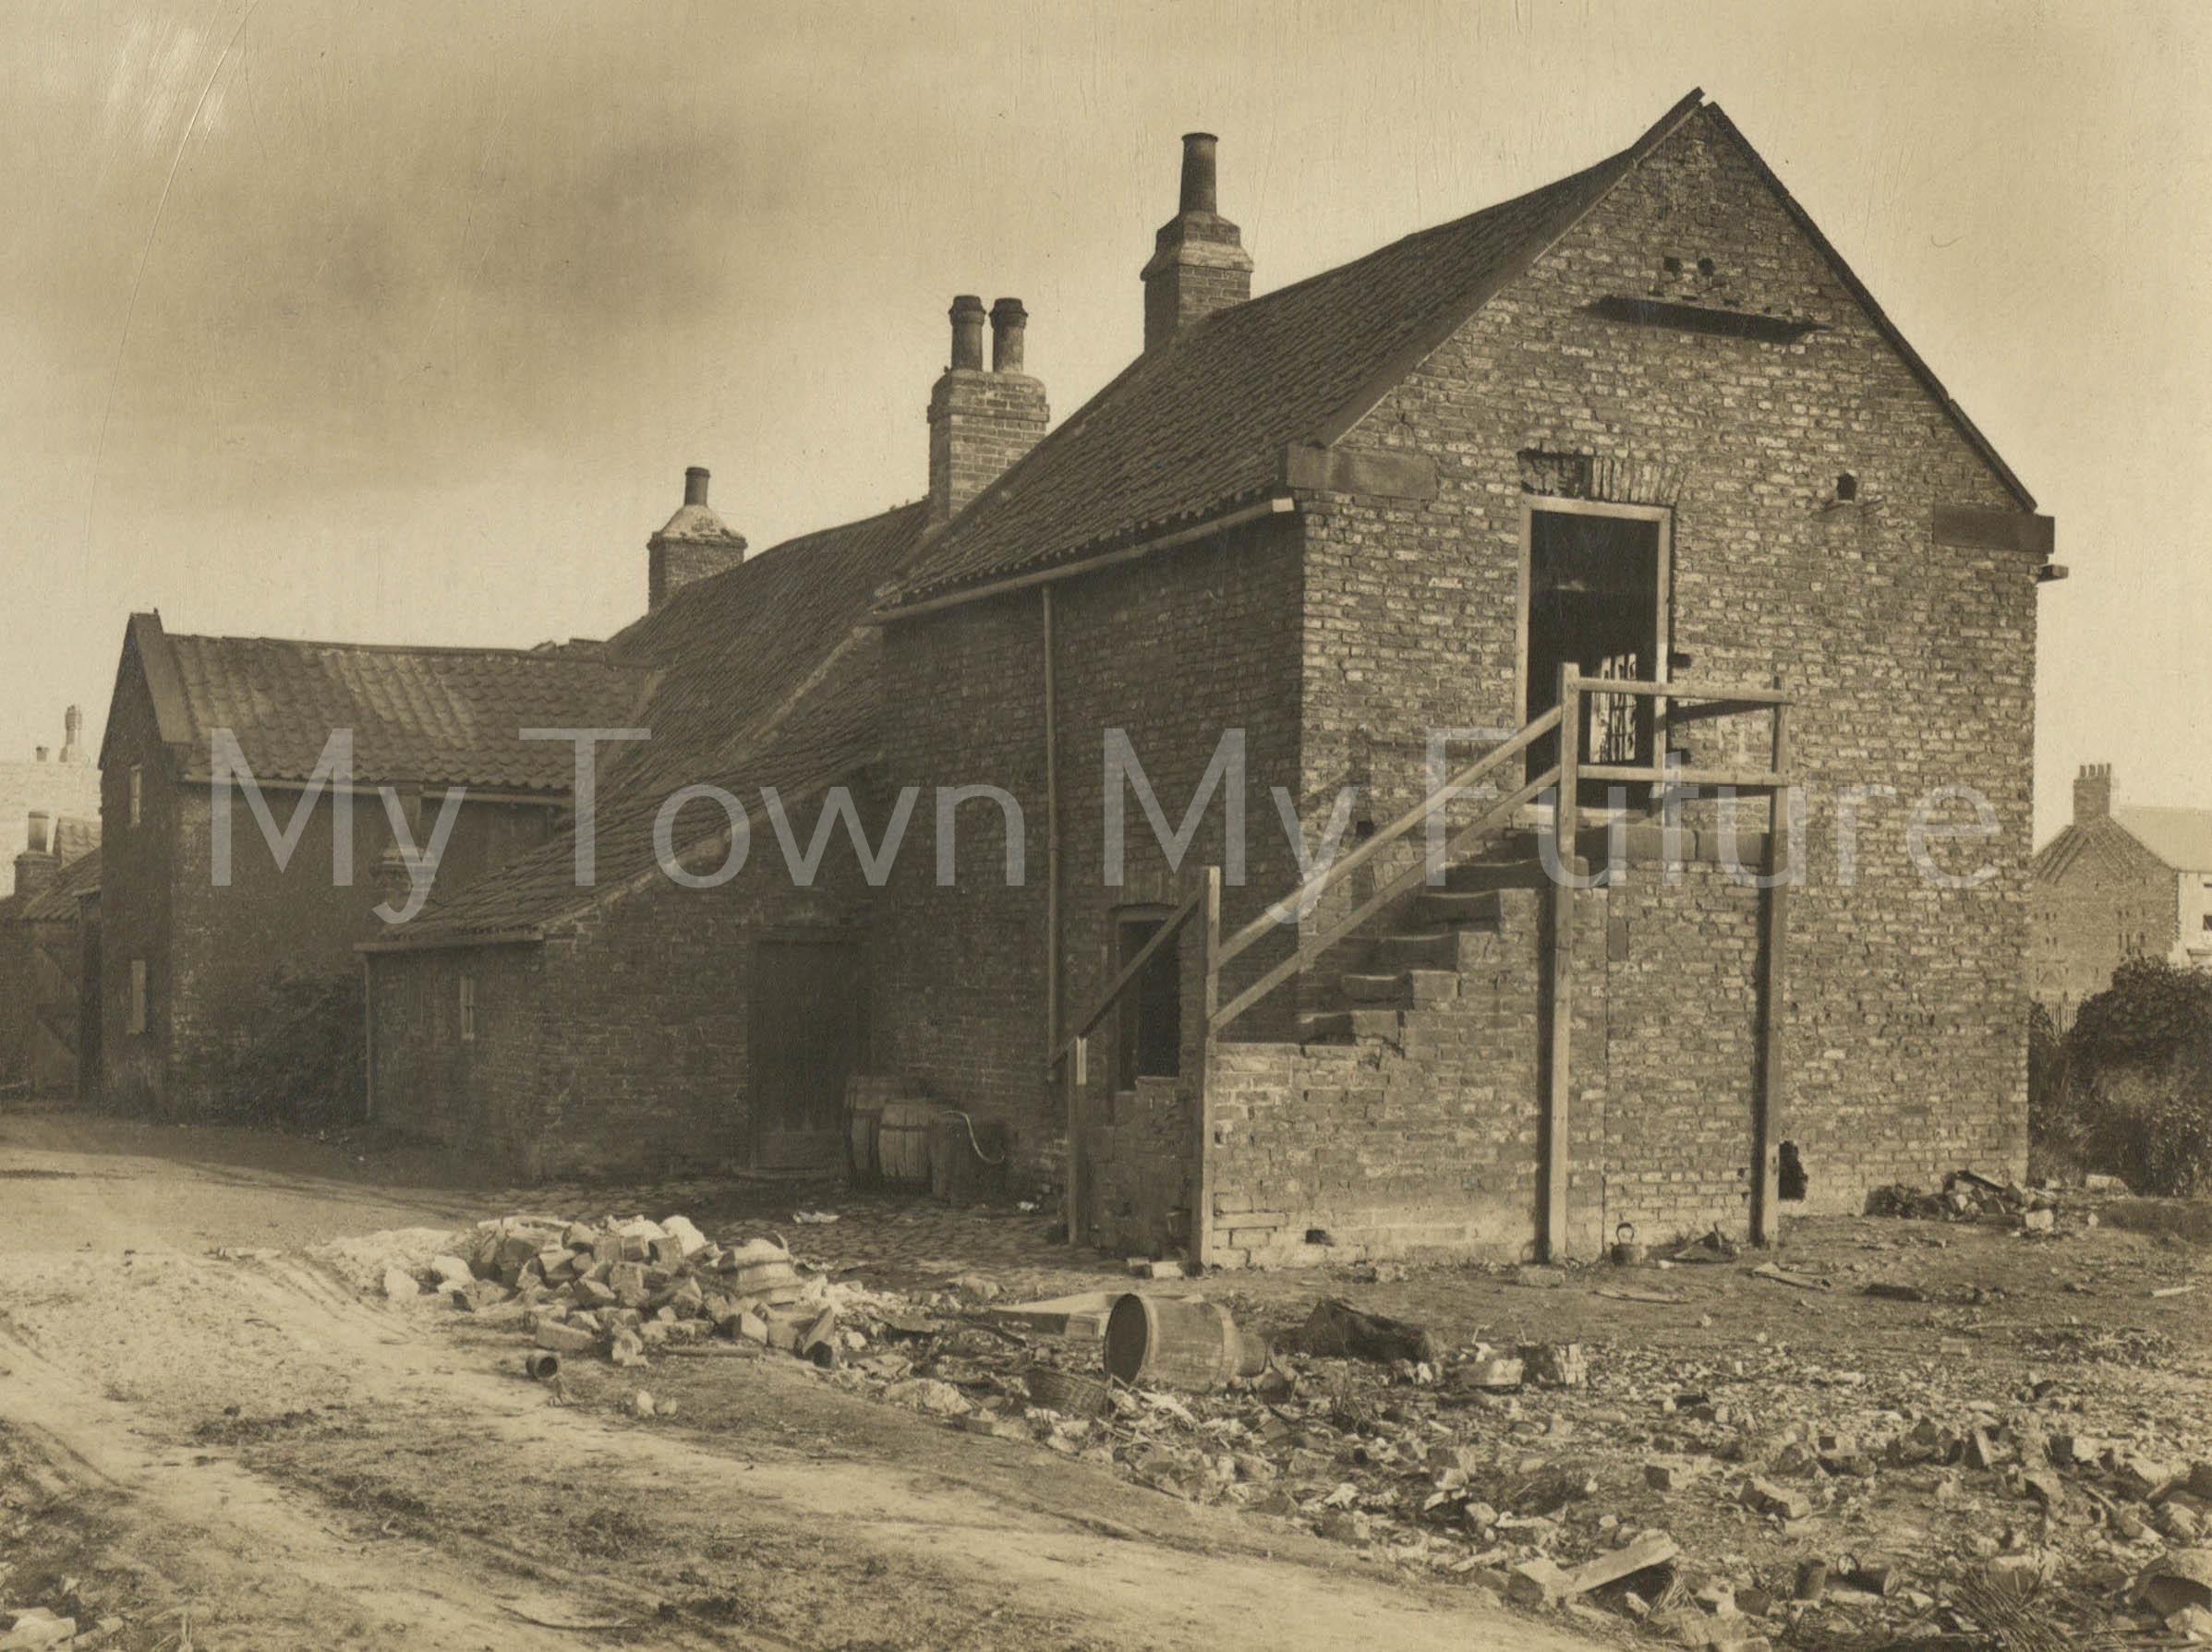 Old Gate Farm Kensington Road - Middlesbrough Public Libraries